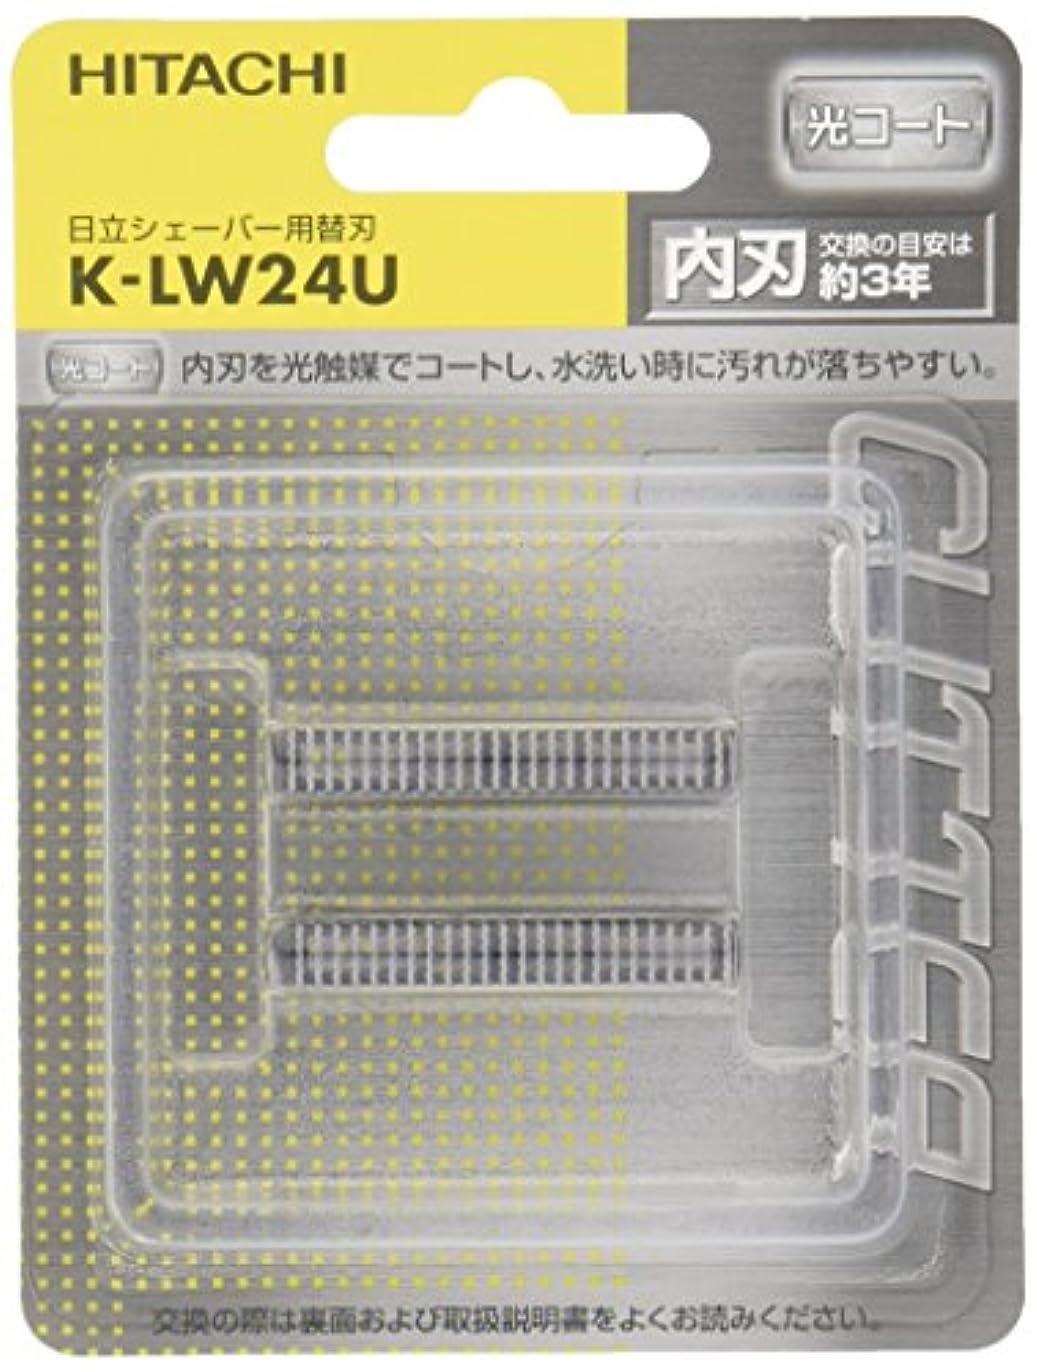 資産配列電子レンジ日立 メンズシェーバー用替刃 K-LW24U